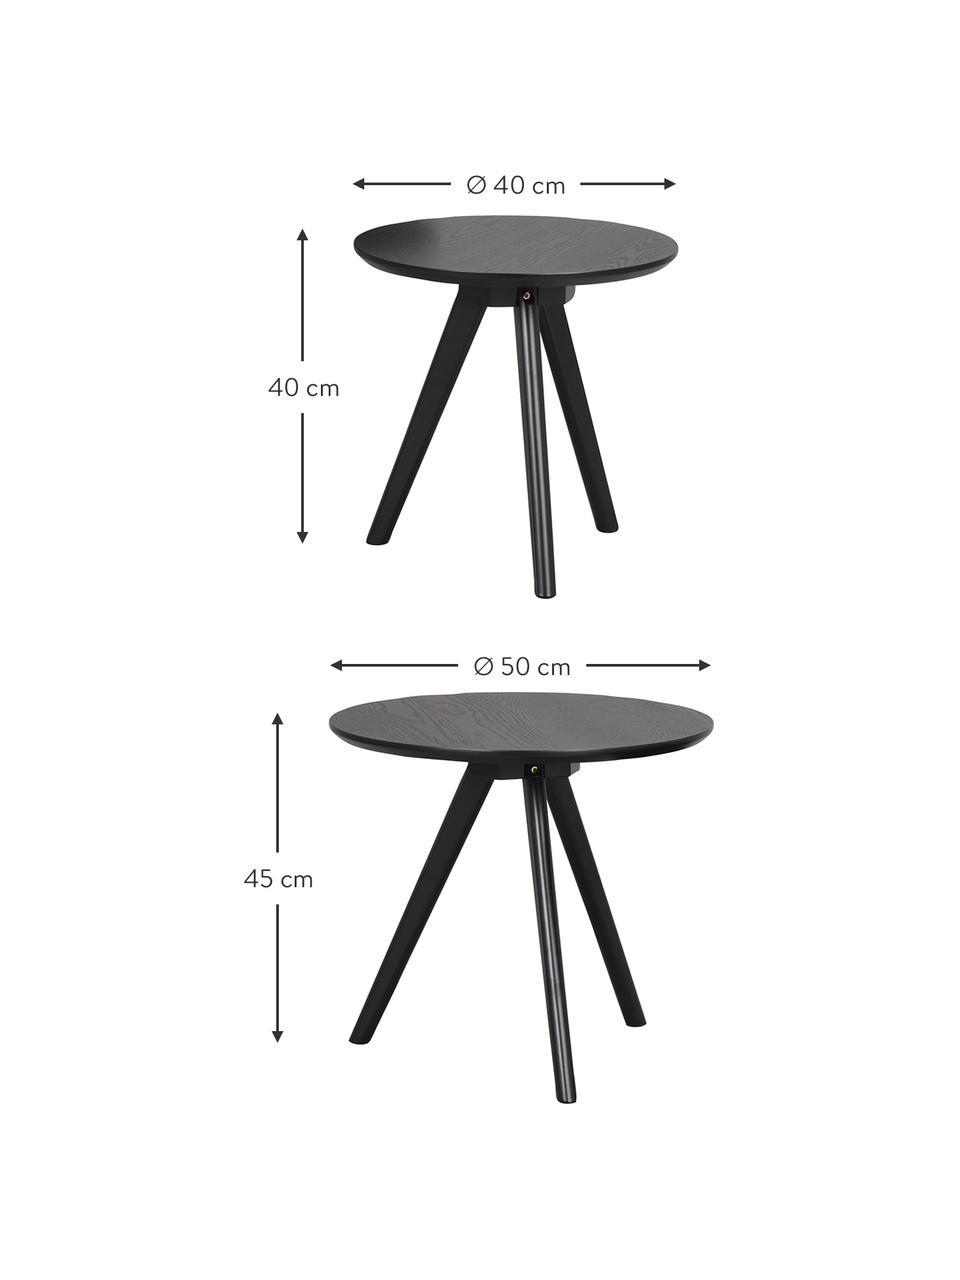 Komplet stolików pomocniczych Yumi, 2 elem., Blat: płyta pilśniowa średniej , Nogi: lite drewno kauczukowe, l, Czarny, Komplet z różnymi rozmiarami